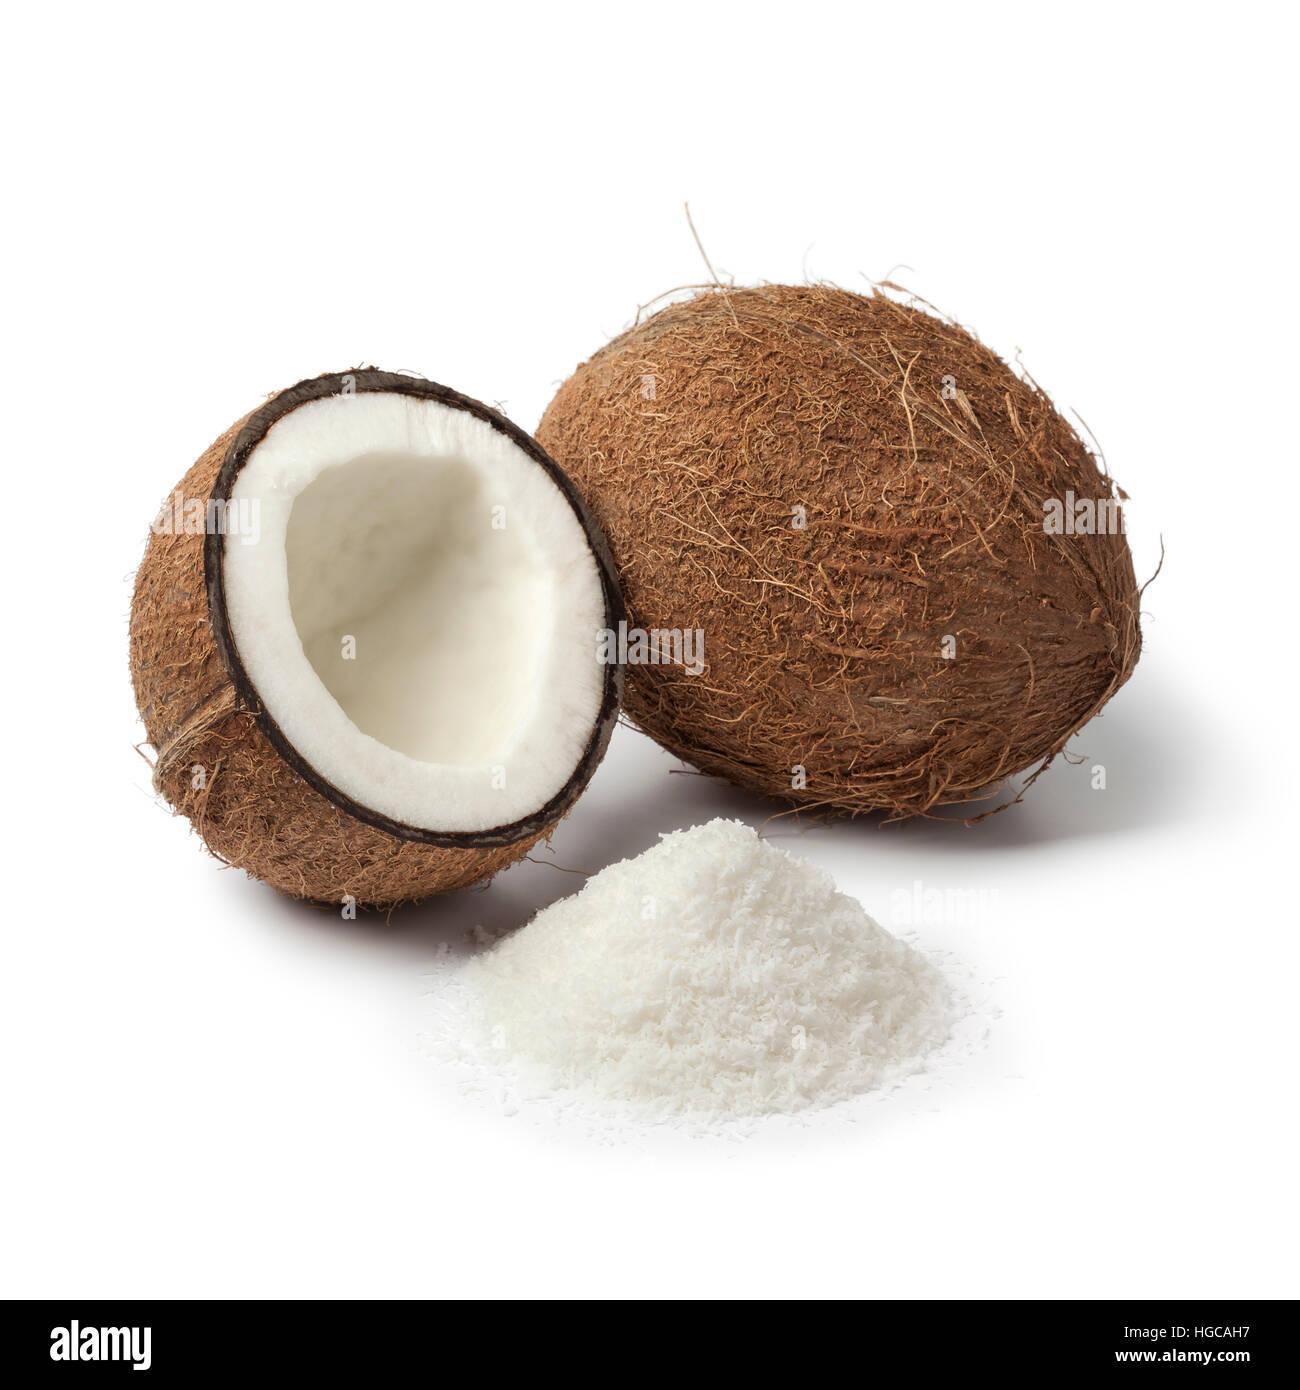 De coco avec de la noix de coco râpée blanc isolé sur fond blanc de la viande Photo Stock